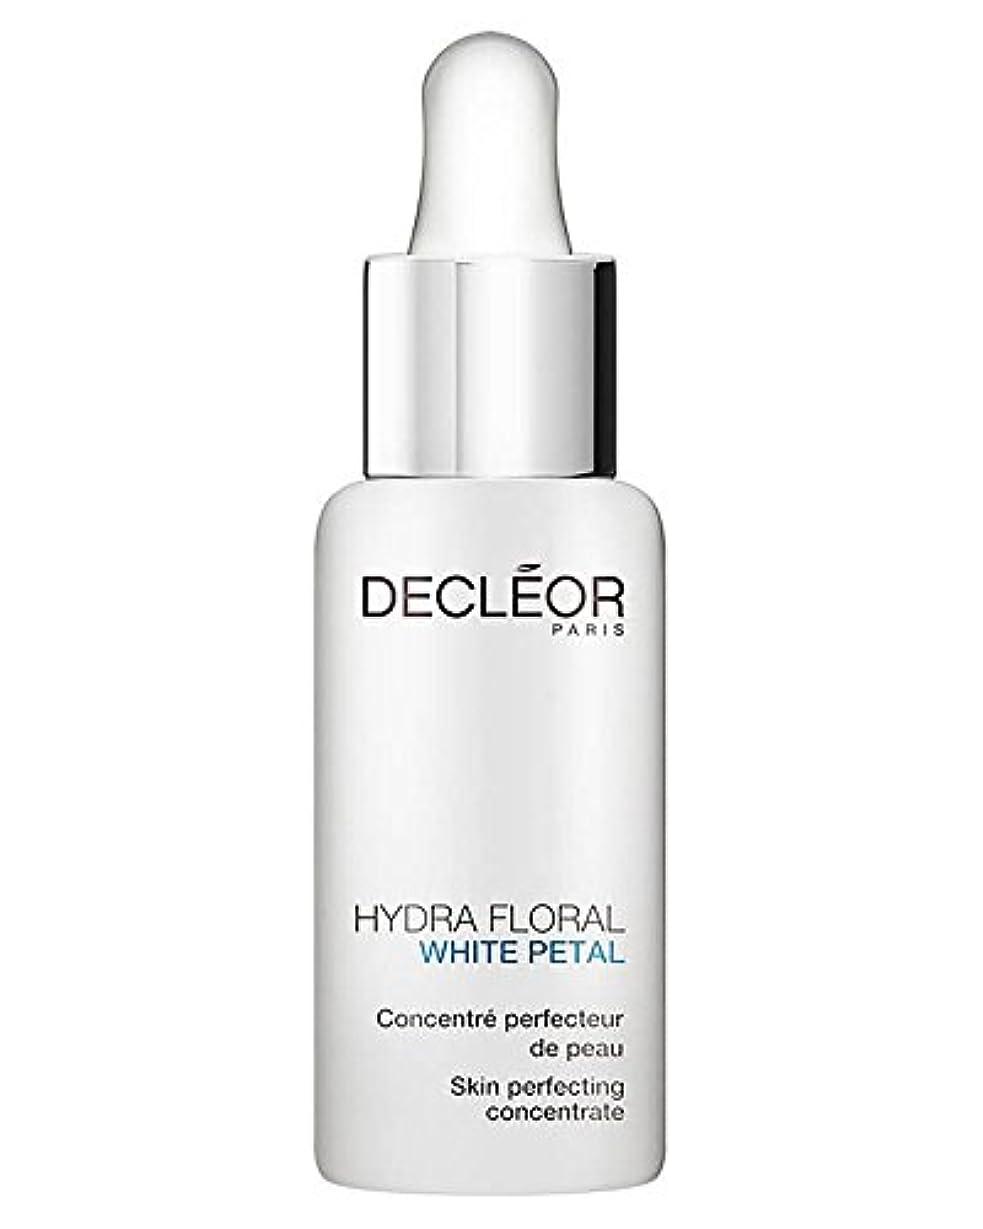 配る特異性植生デクレオール Hydra Floral White Petal Neroli & Sweet Orange Skin Perfecting Concentrate 30ml/1oz並行輸入品